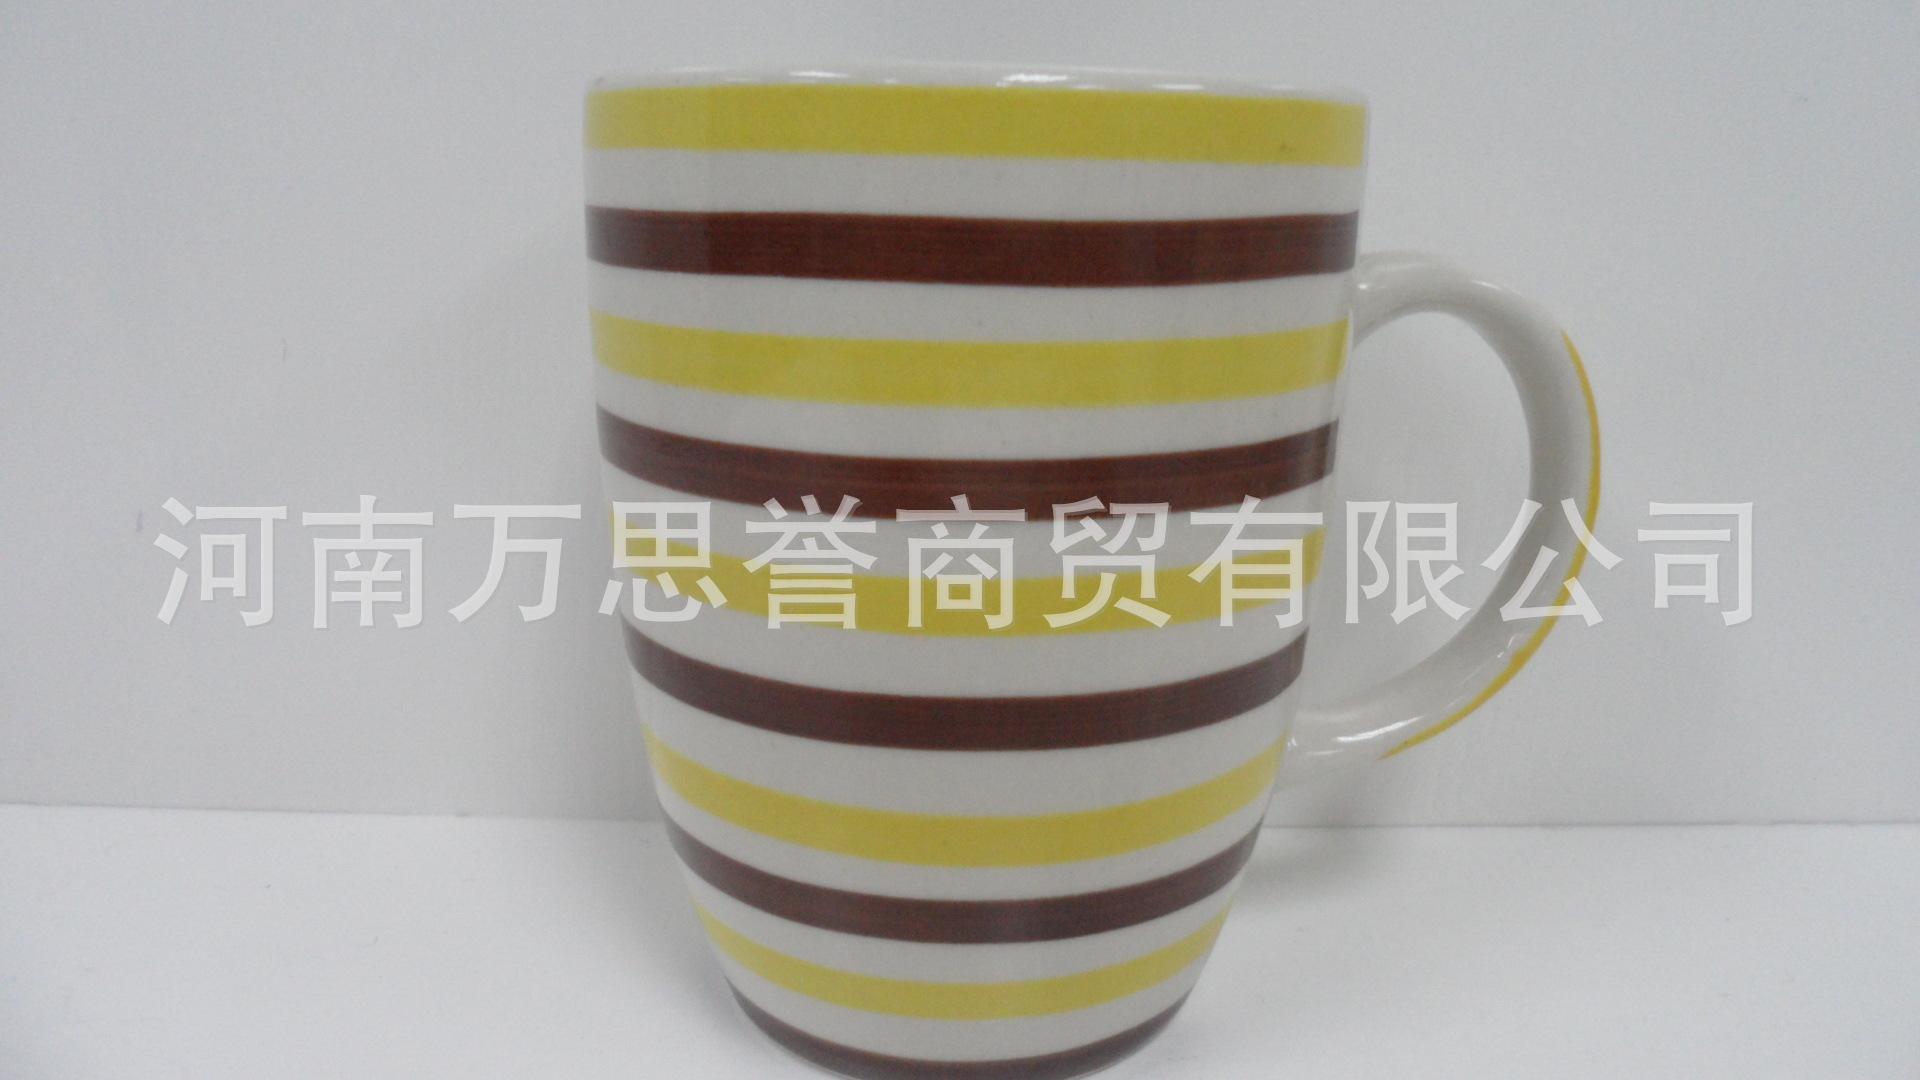 外贸原单 12盎司彩色条纹陶瓷手绘杯子 咖啡杯 牛奶杯早餐杯